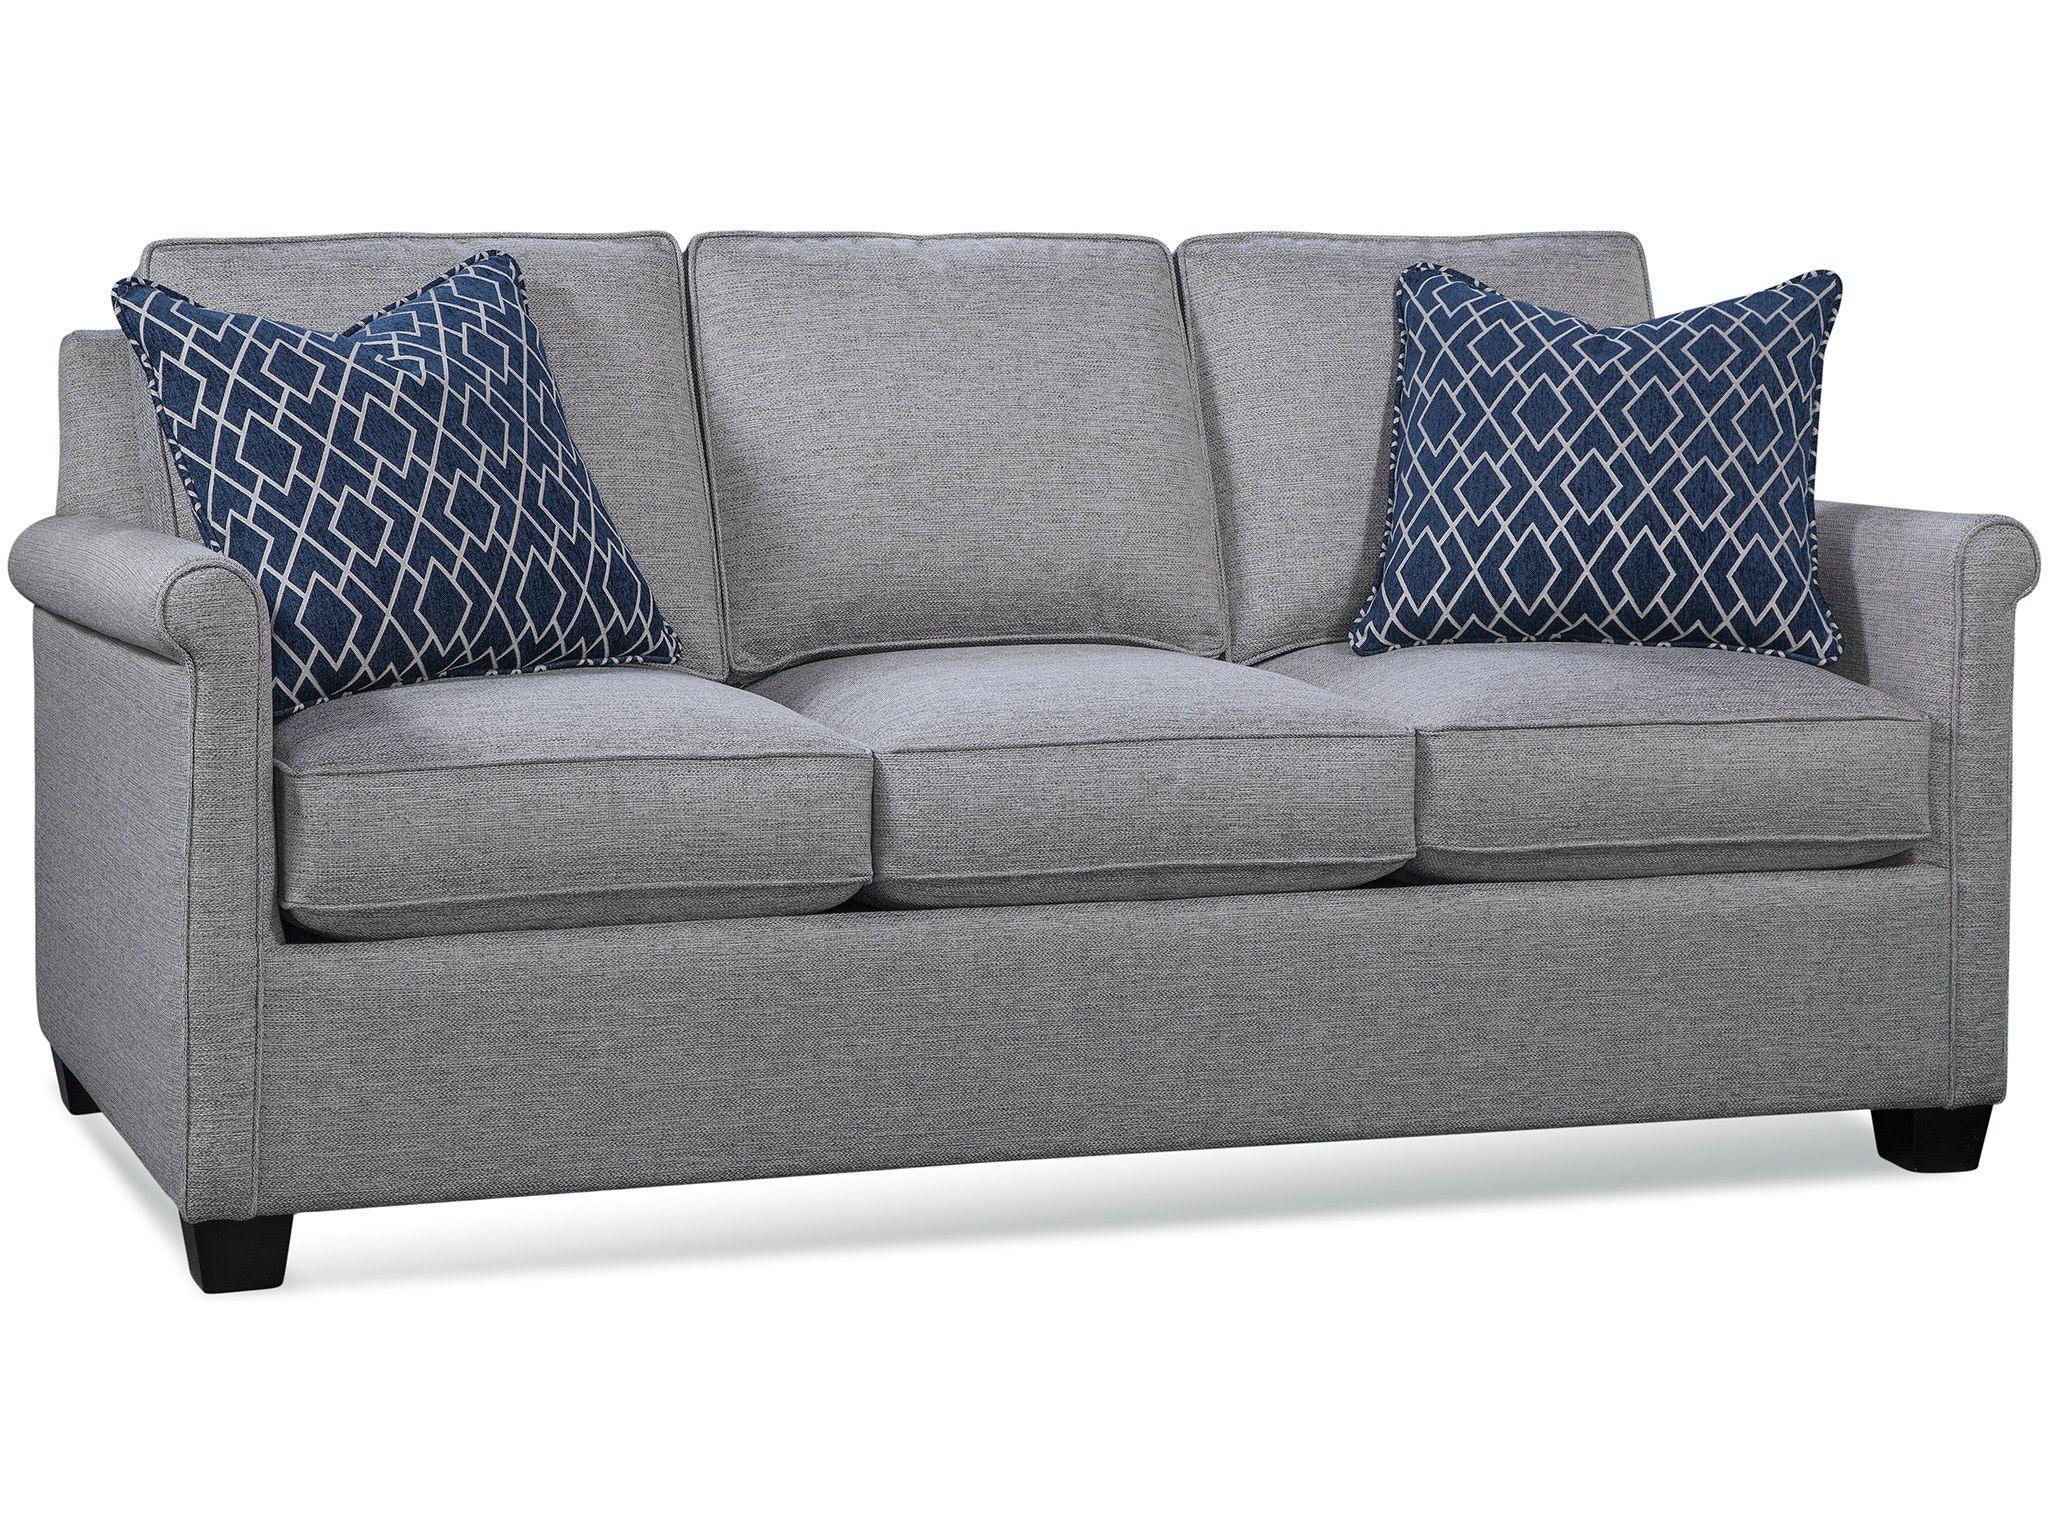 726 011. Sofa